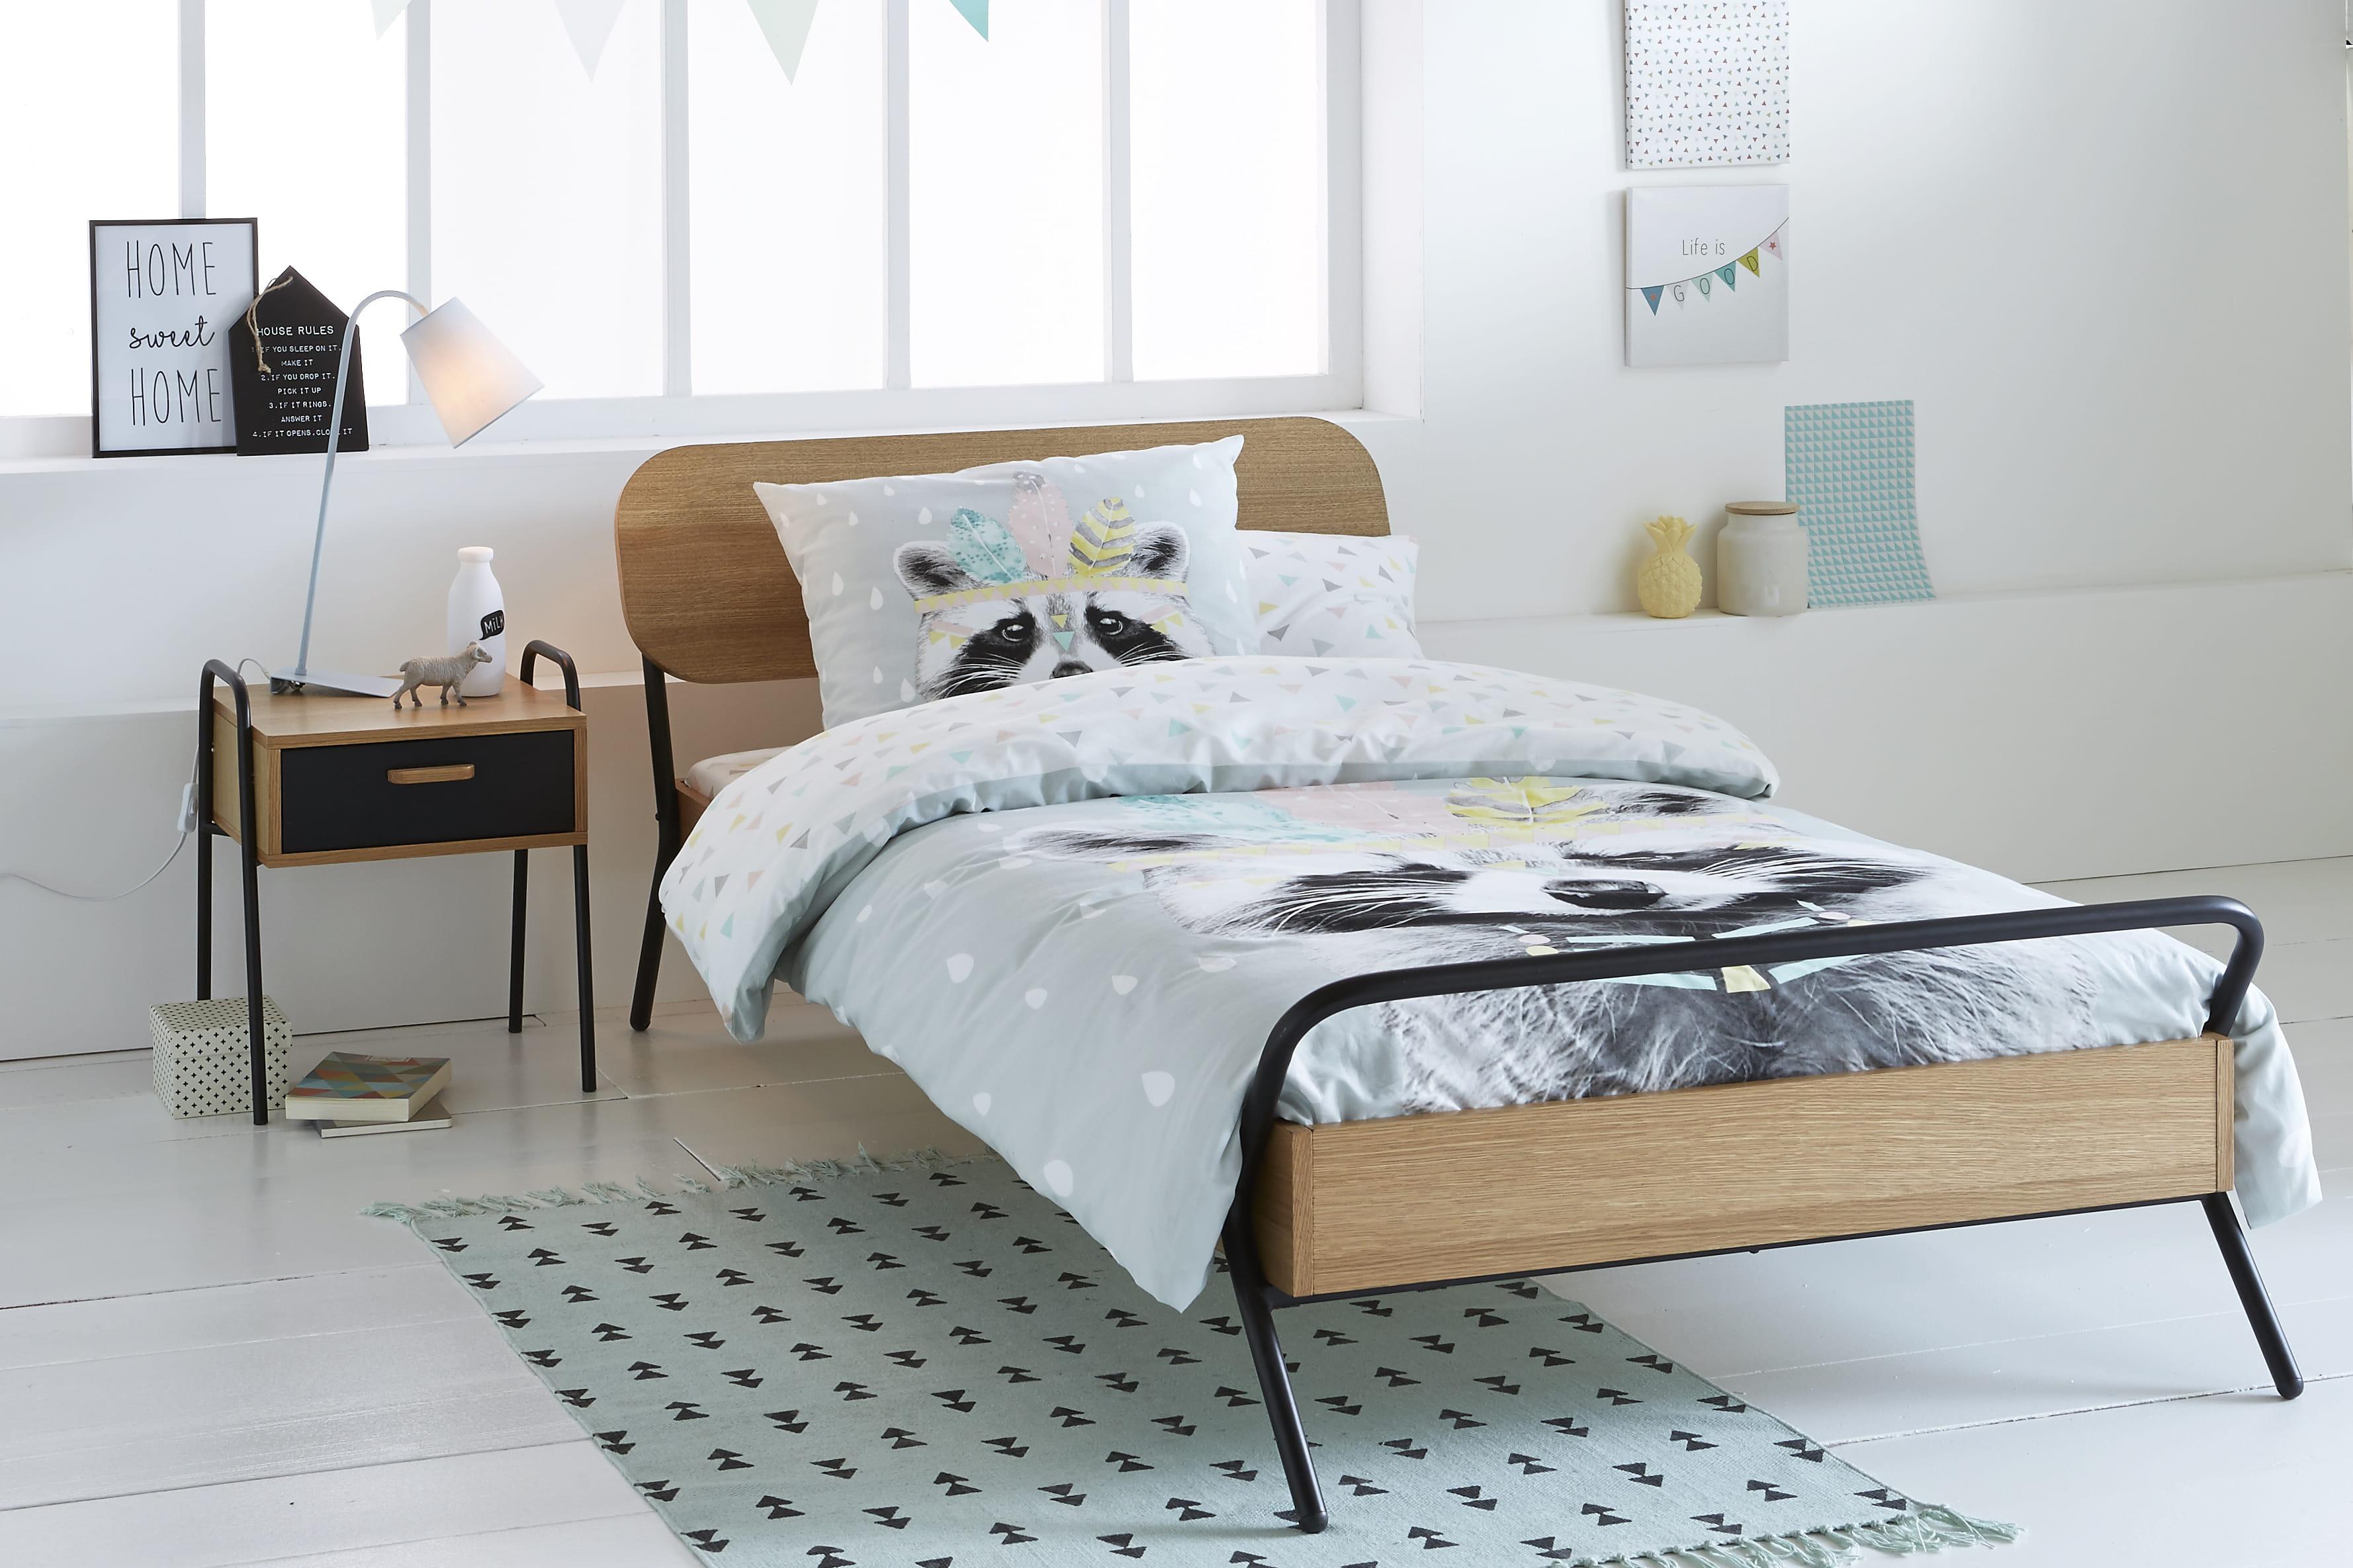 chambre d 39 enfant une nouvelle couette pour trois fois rien journal des femmes. Black Bedroom Furniture Sets. Home Design Ideas